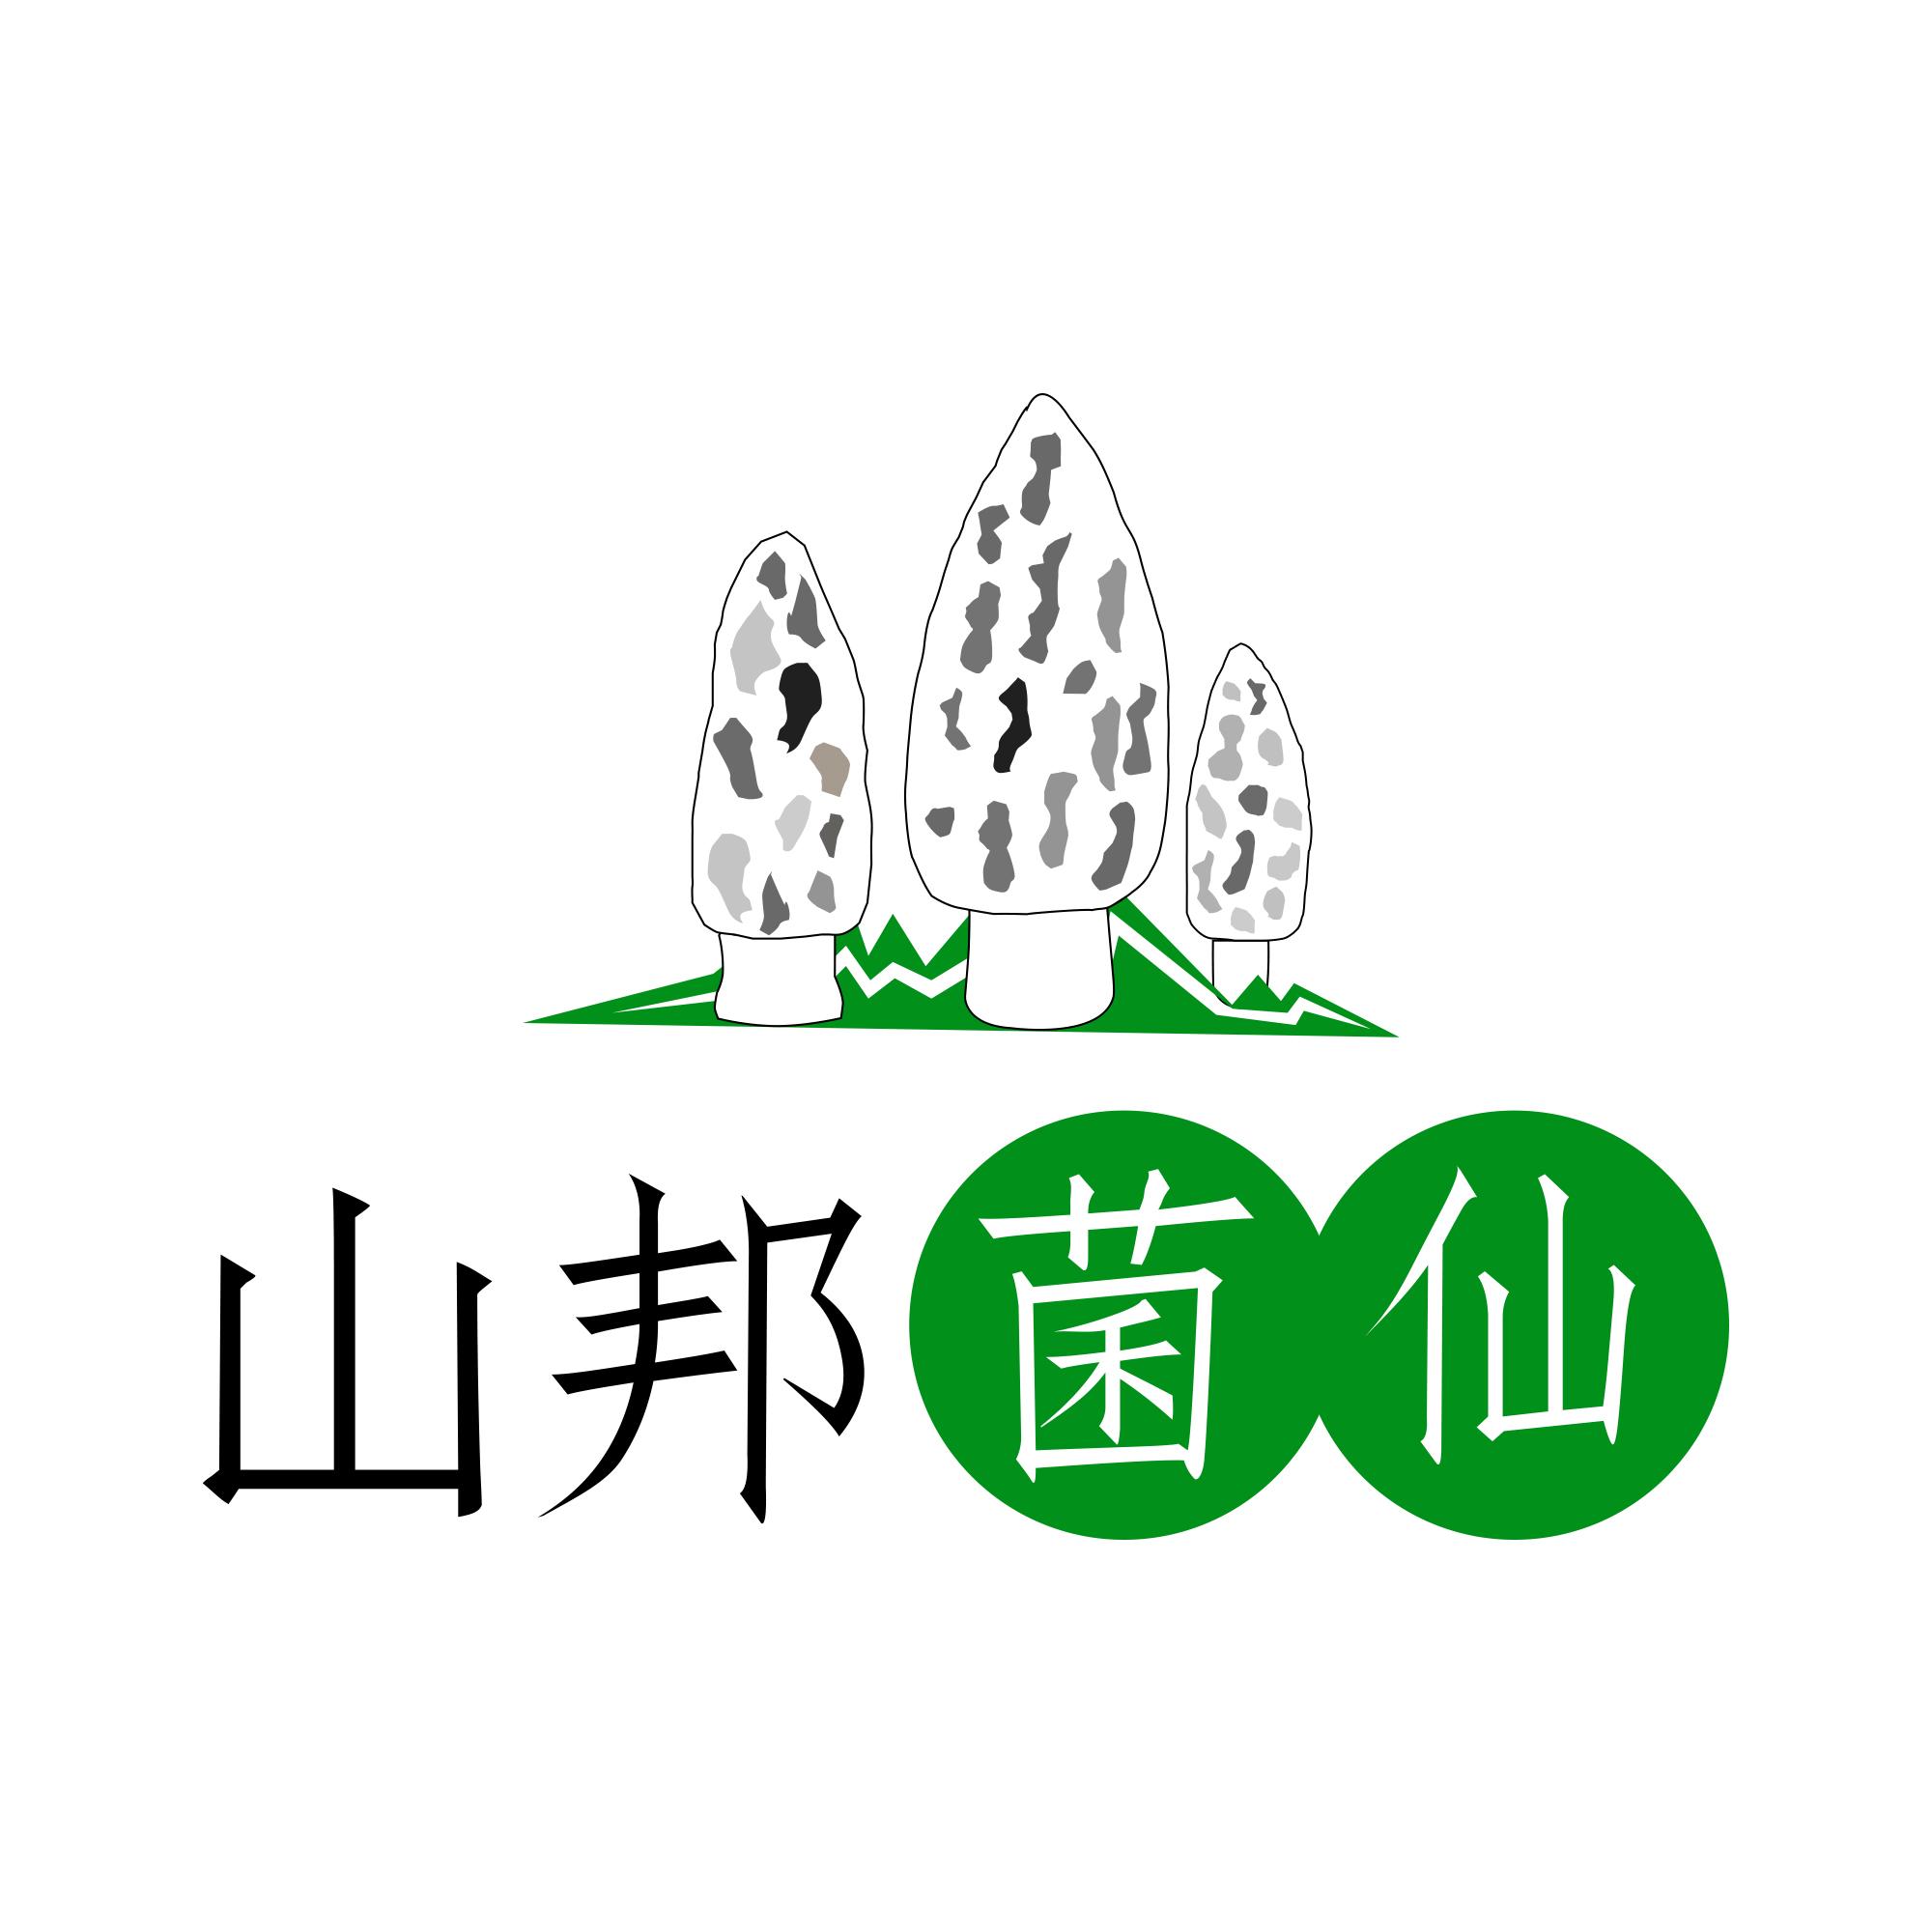 四川三邦羊肚菌业有限公司